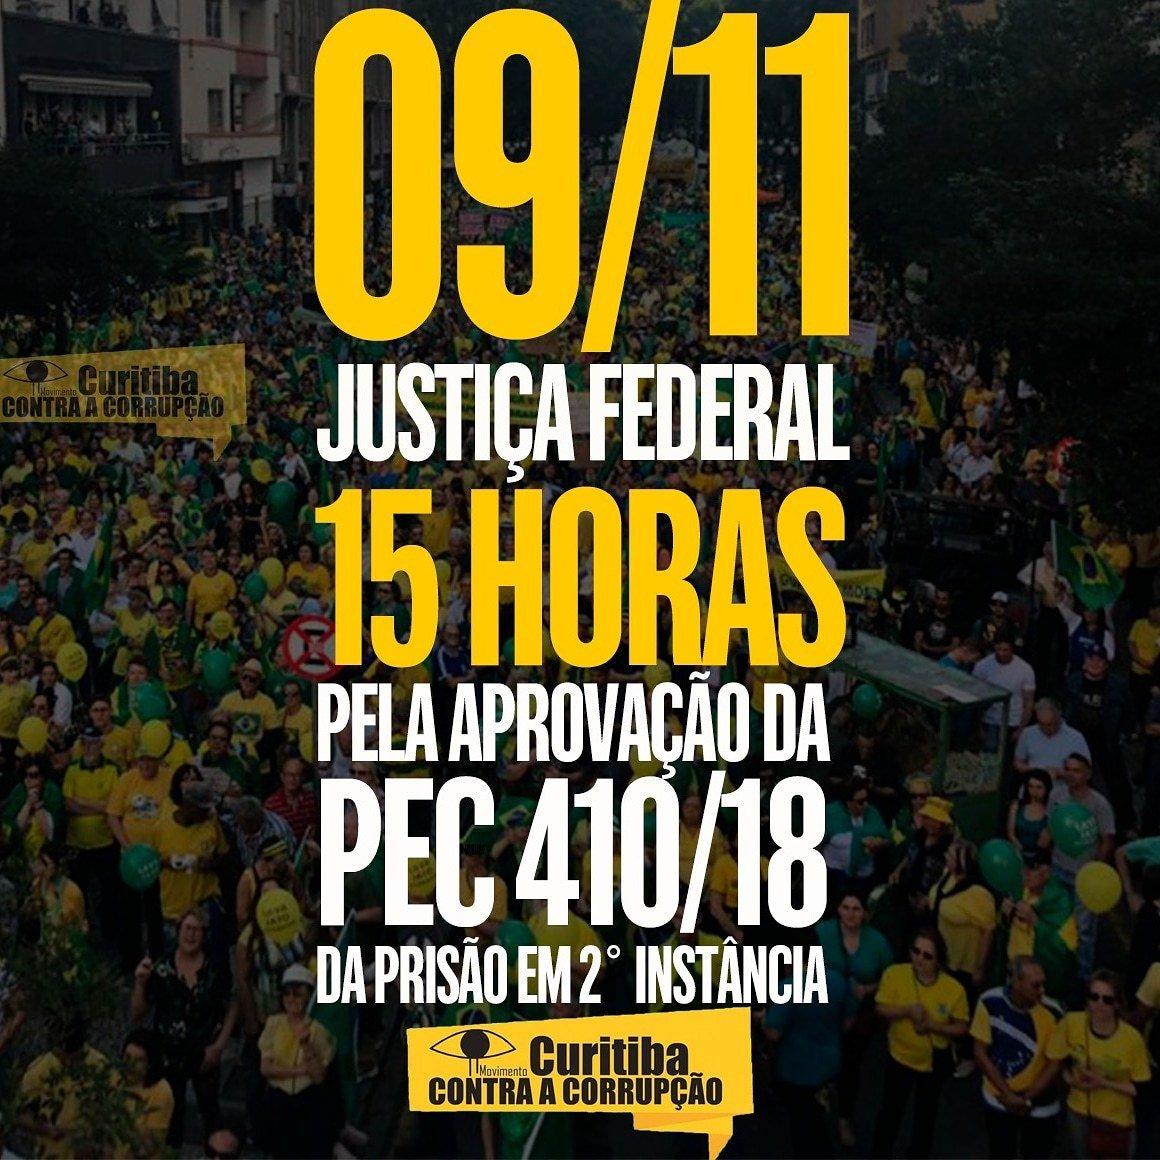 Vamos Curitiba!  Precisamos nos unir! #direitaconservadora #vemprarua #brasil #direitabrasil #ptnuncamais #ptnao pic.twitter.com/qOheOf8Hvr